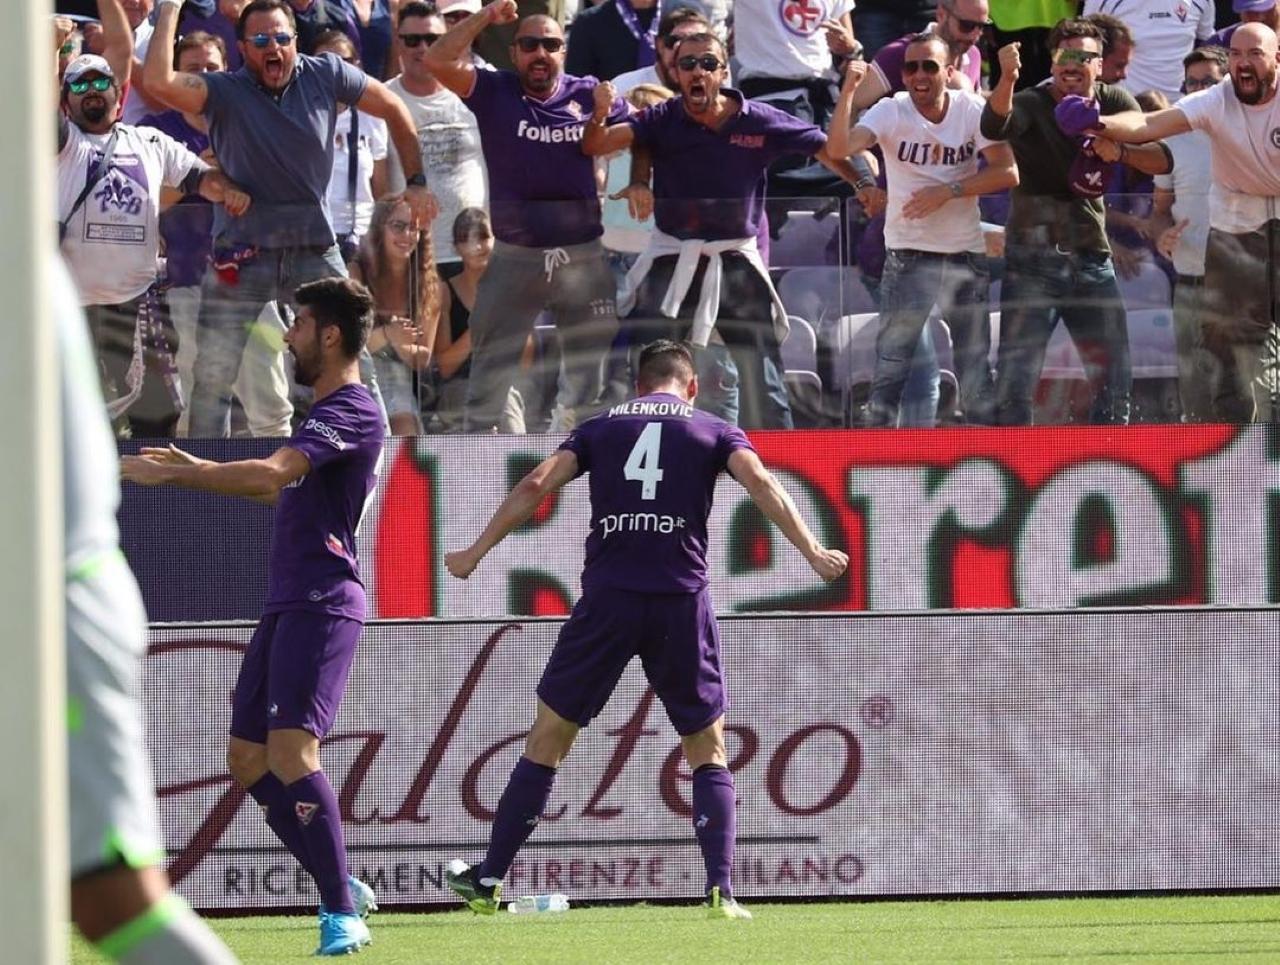 Milenkovic Fiorentina 2